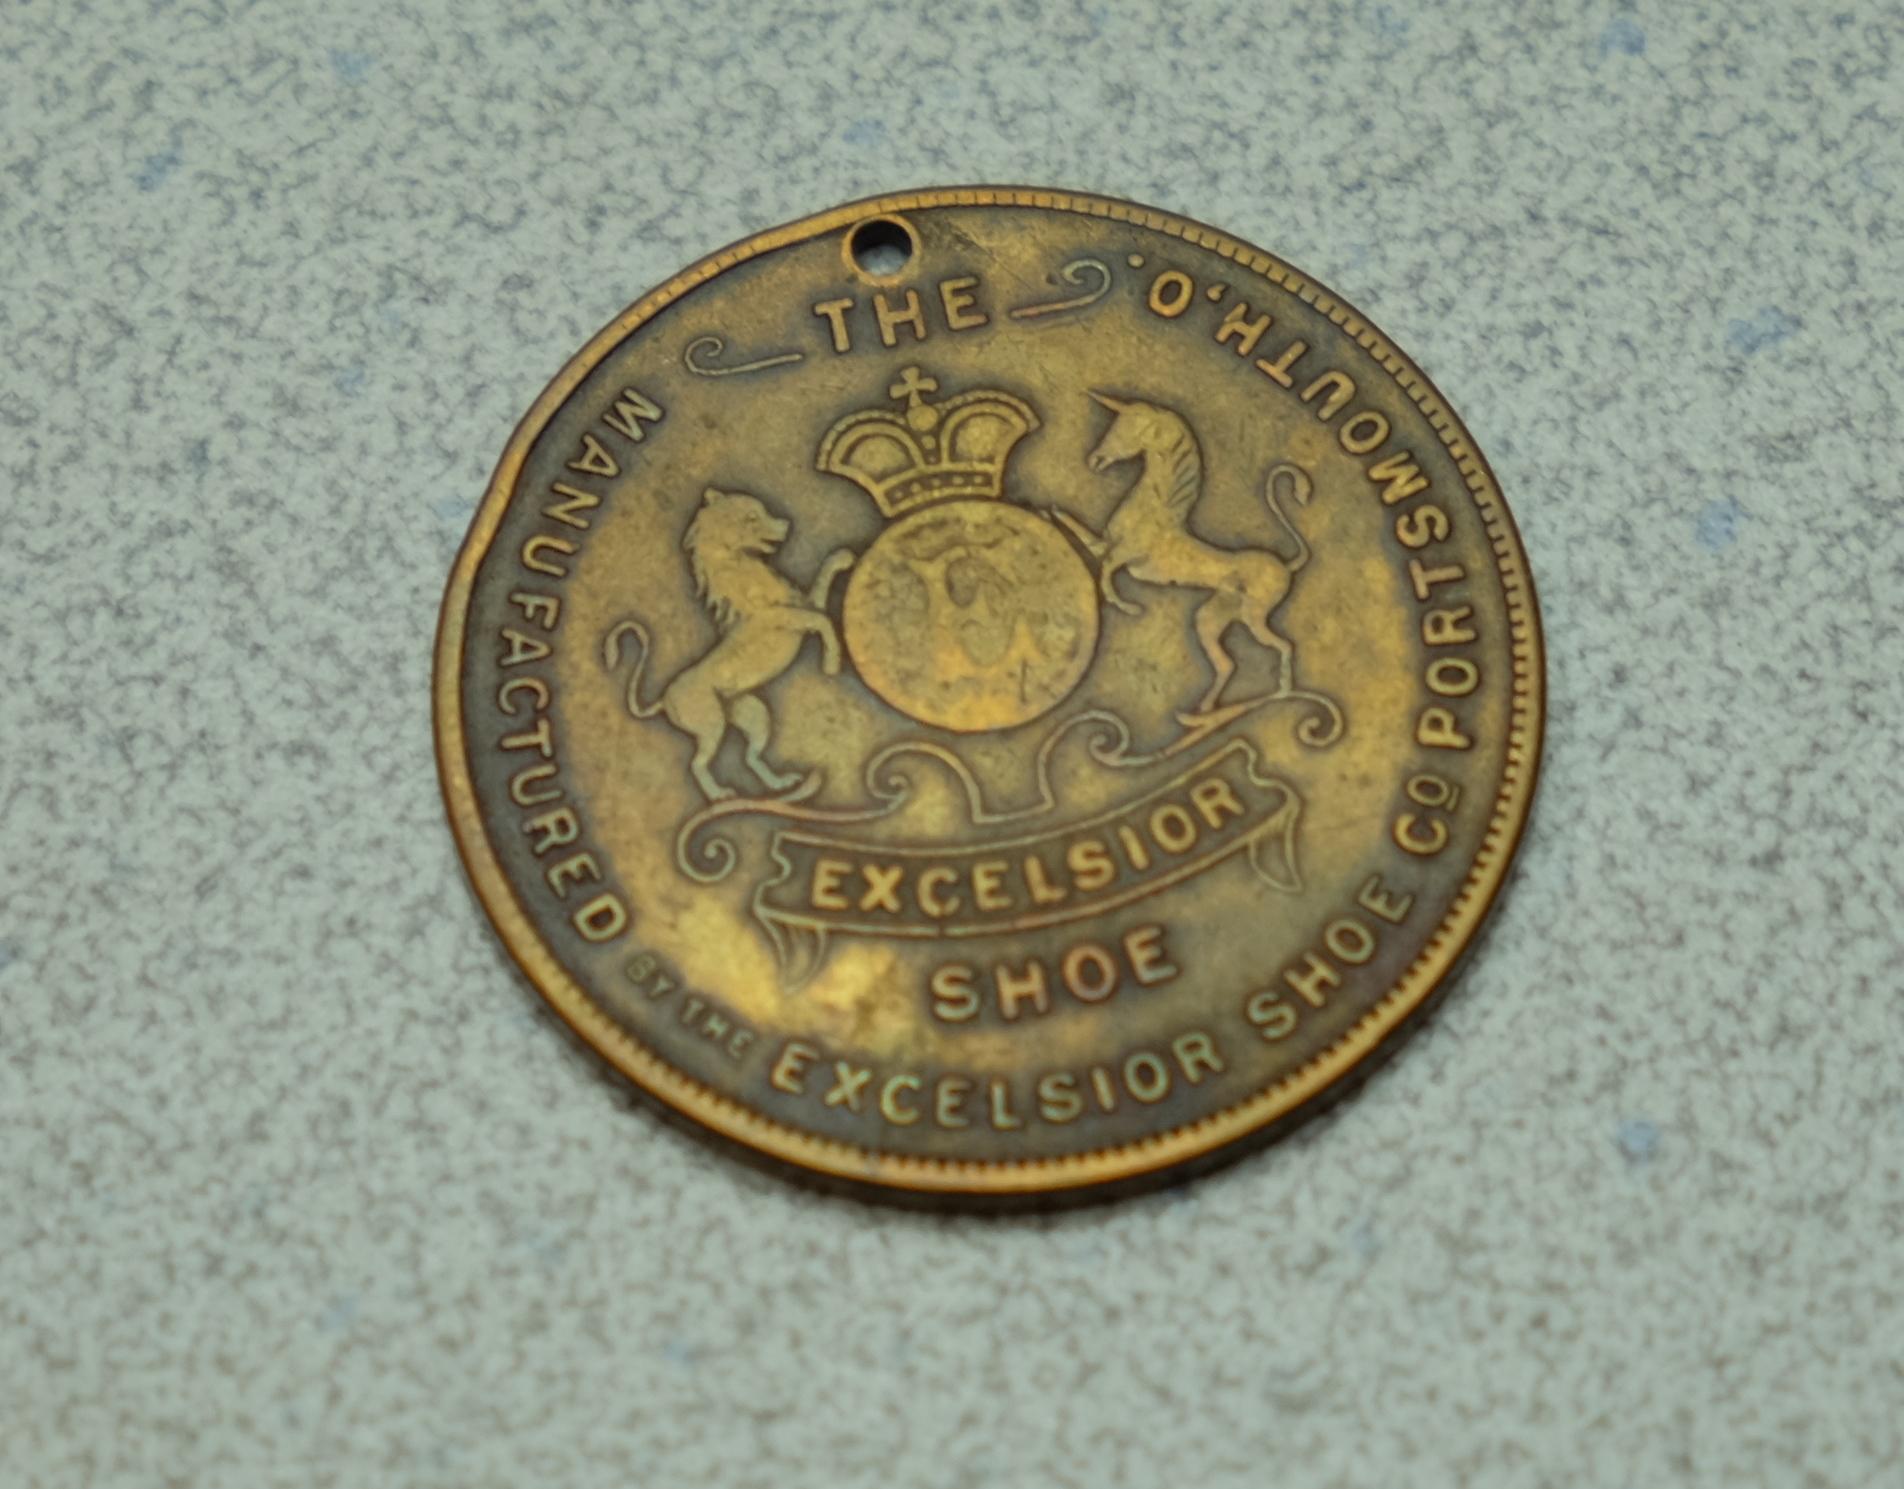 DSCF8709.JPG